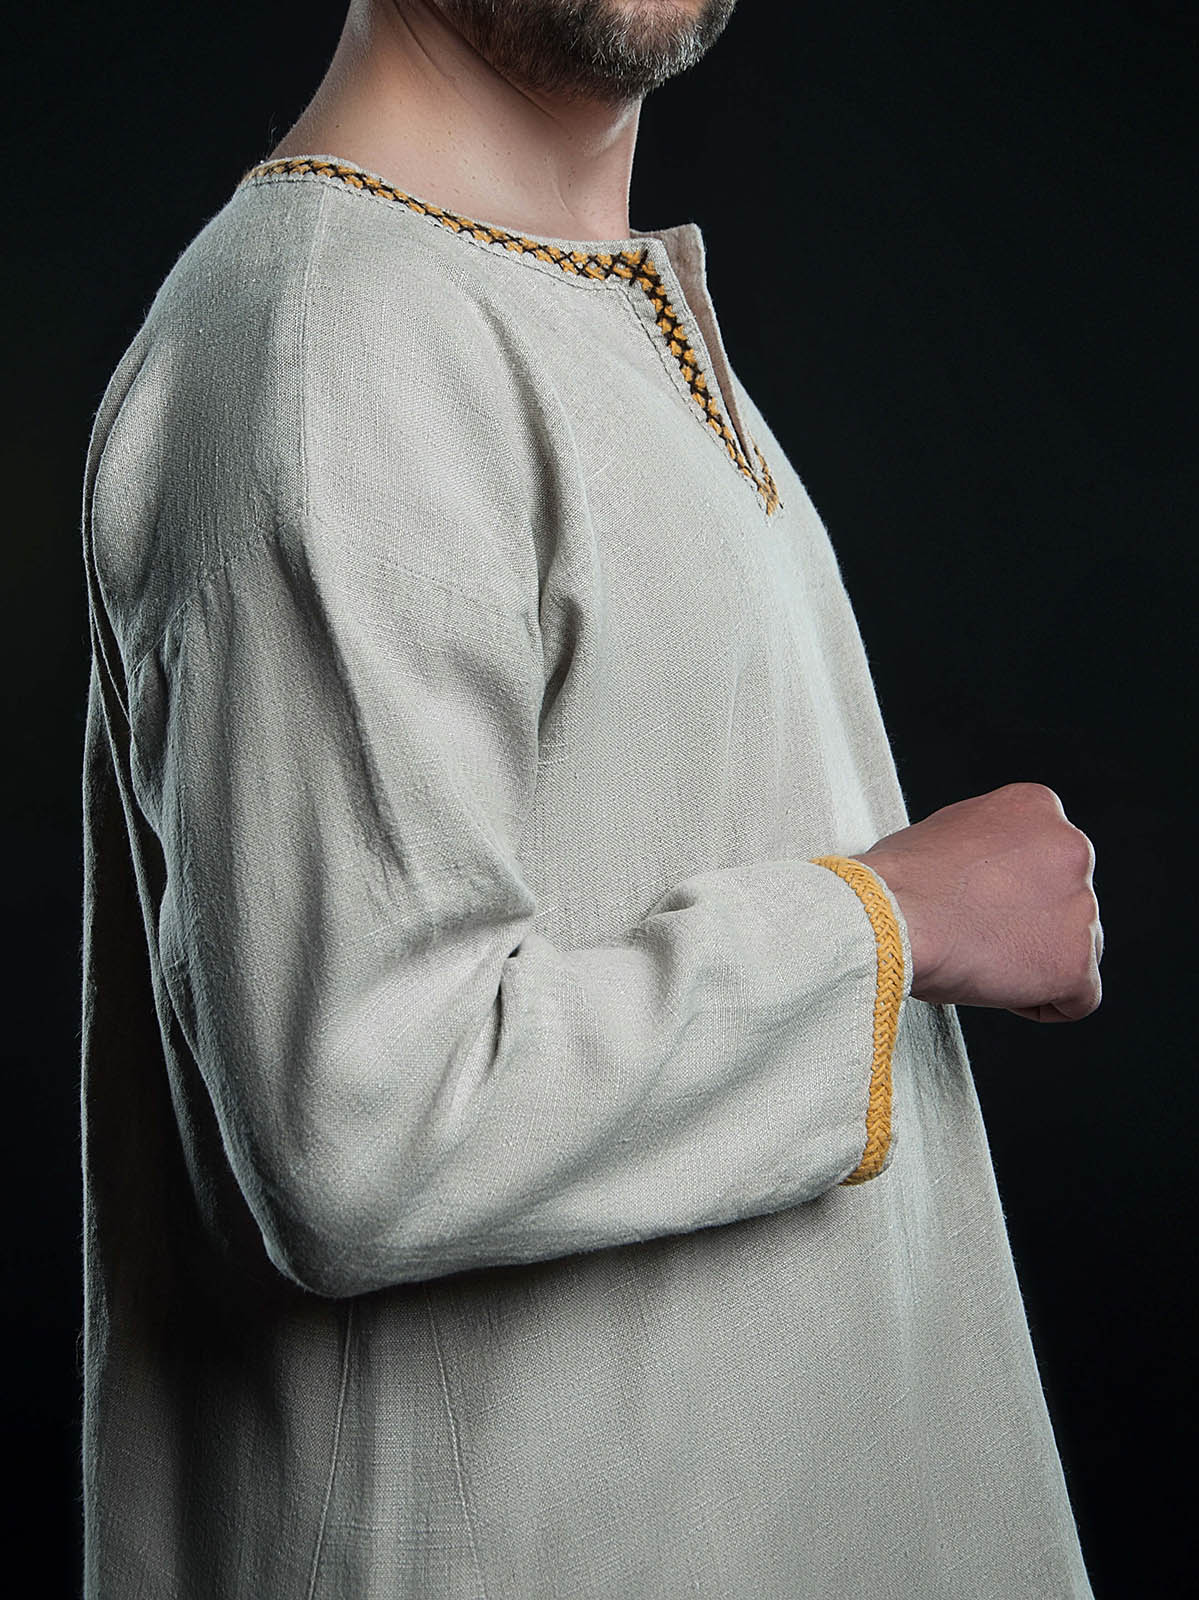 viking shirt